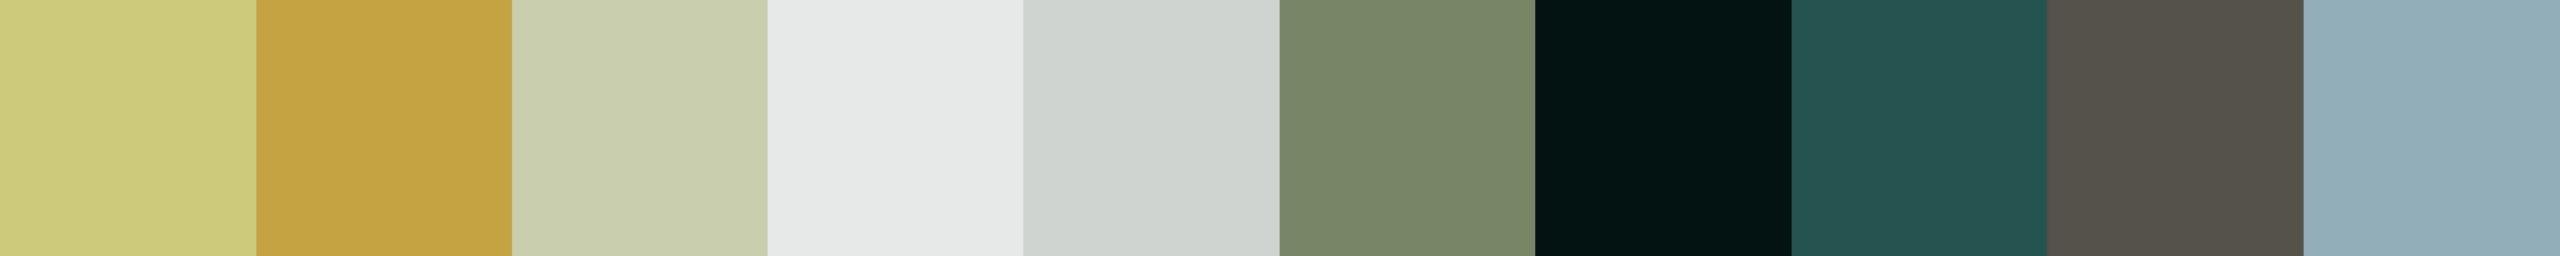 296 Quarma Color Palette